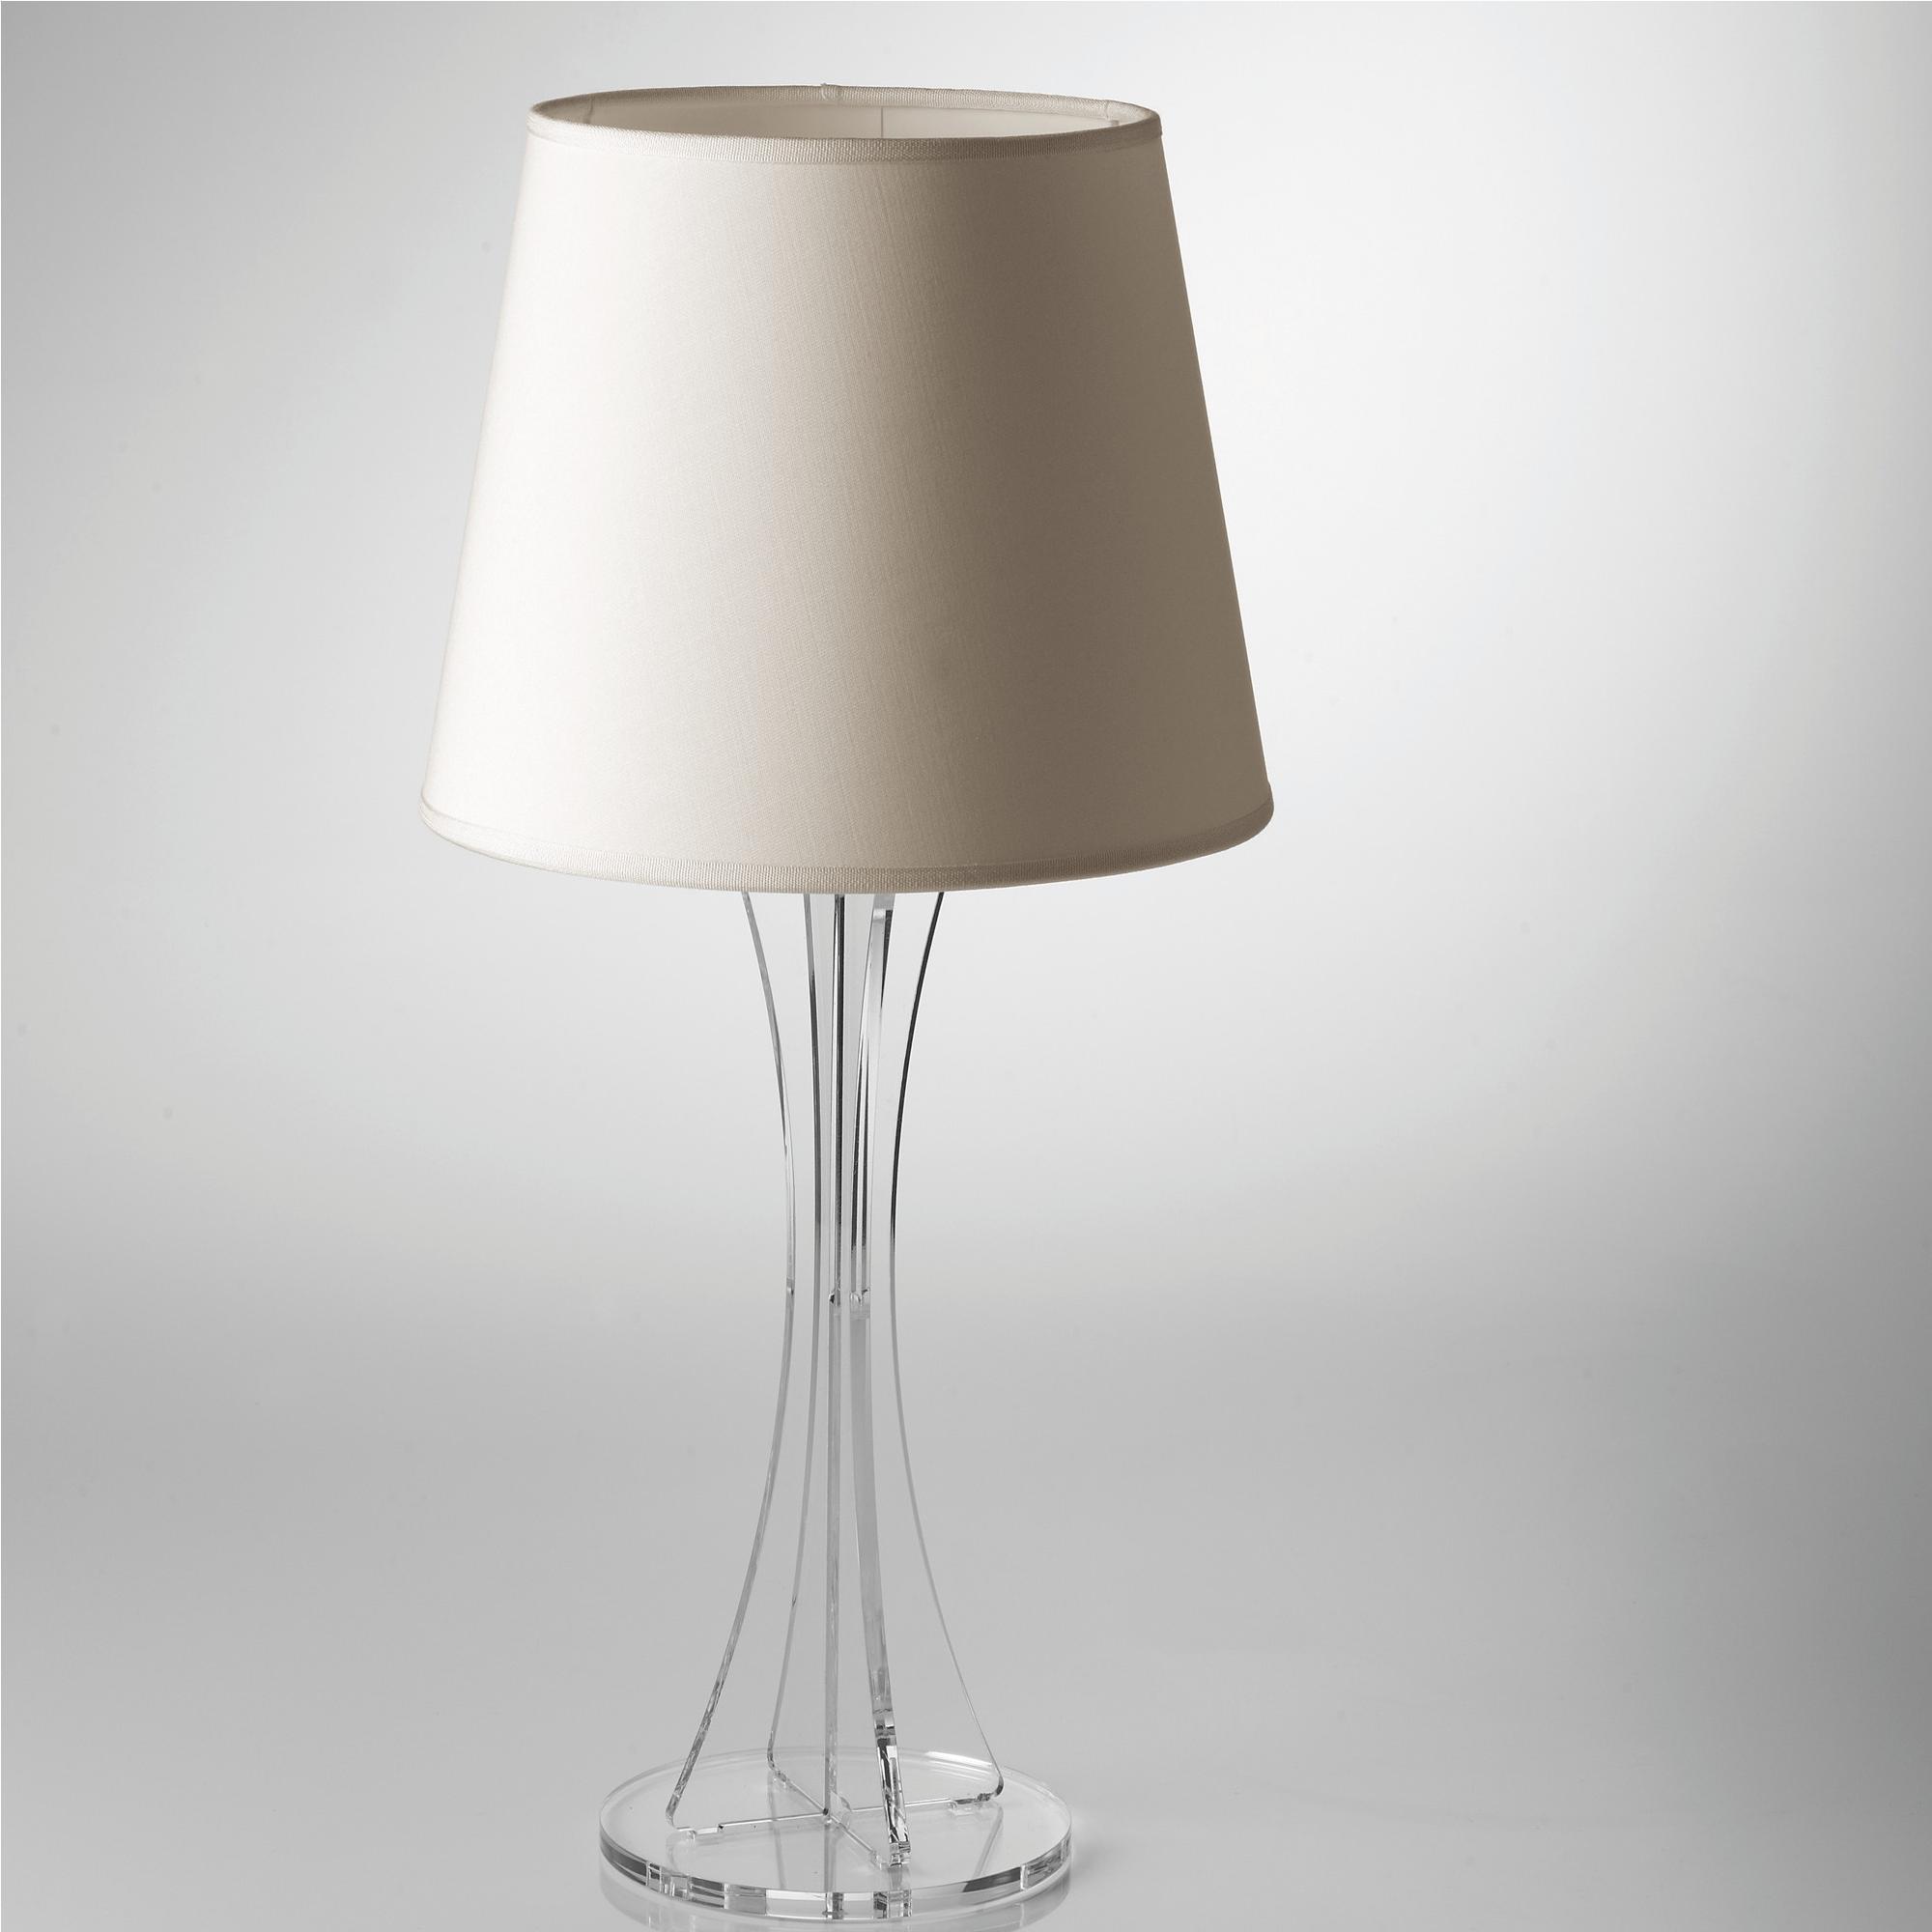 Lampada da tavolo sky grande supporto in plexiglas - Lampade da tavolo in plexiglass ...